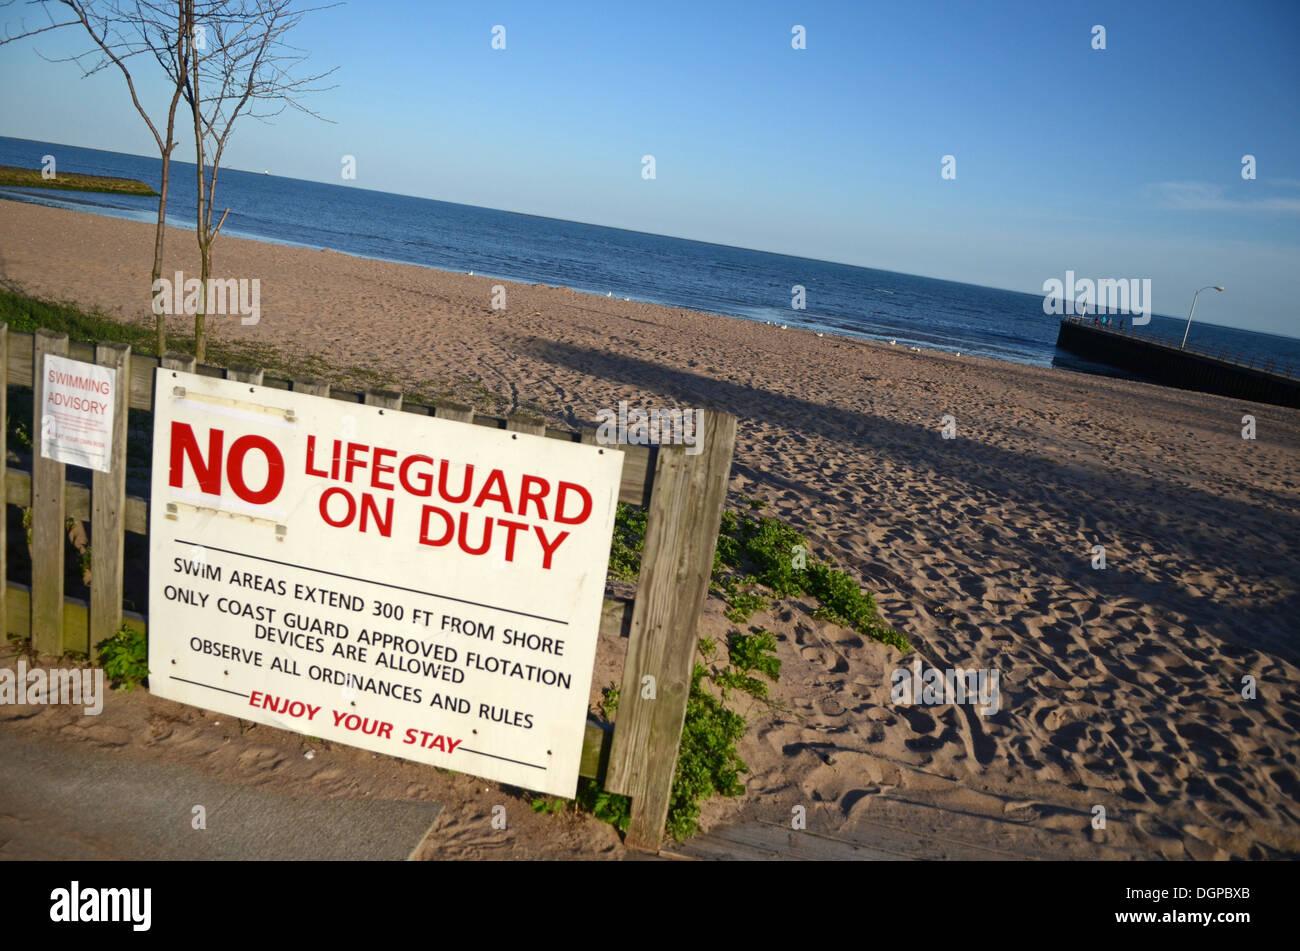 01d82b5e3e1 No Lifeguard On Duty Stock Photos   No Lifeguard On Duty Stock ...